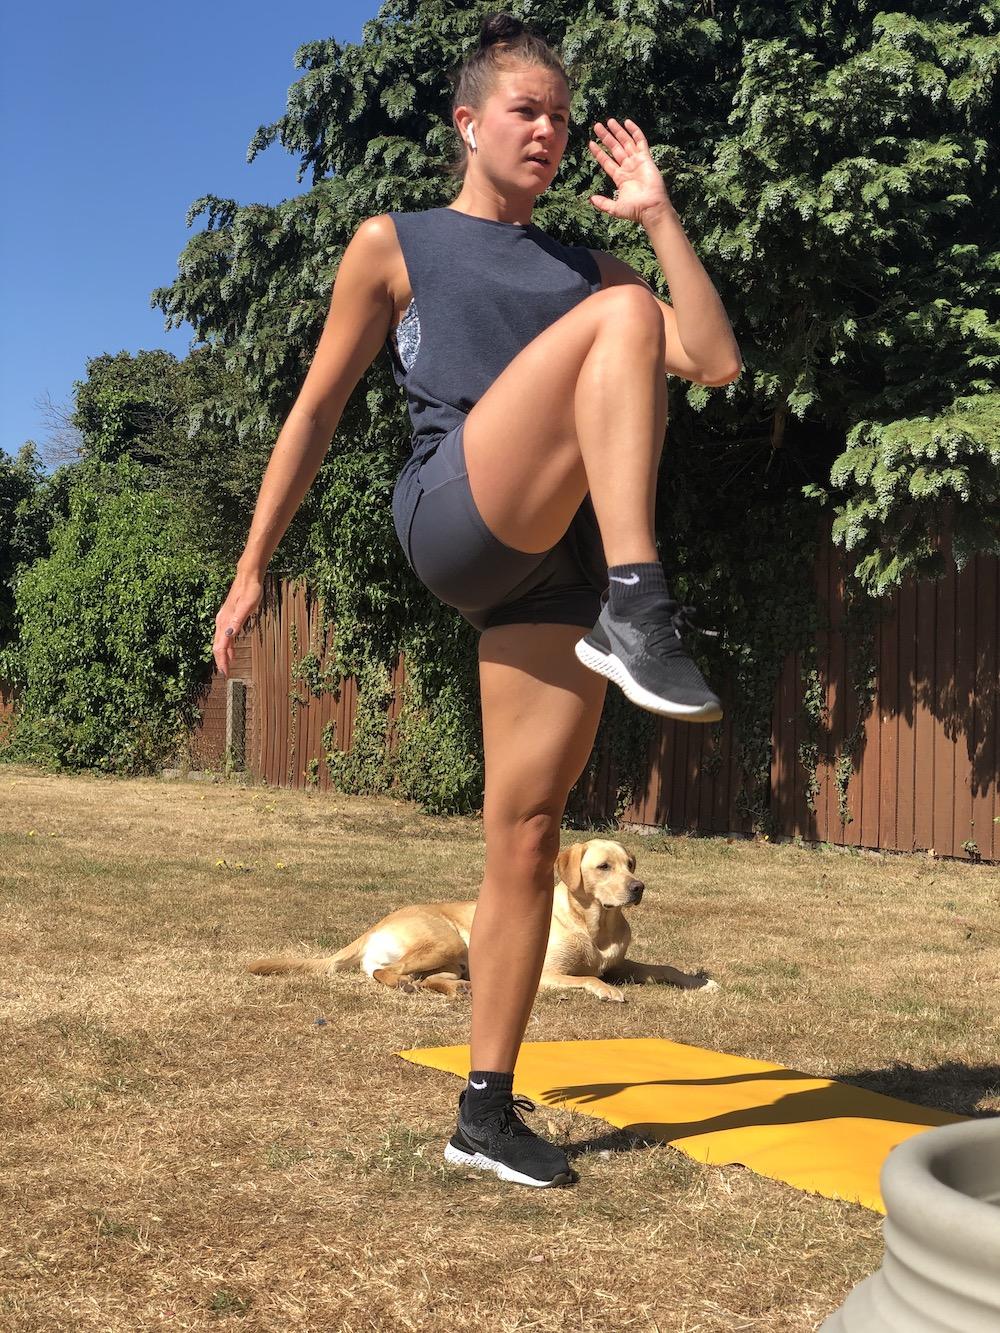 Millie exercising on grass knee raise